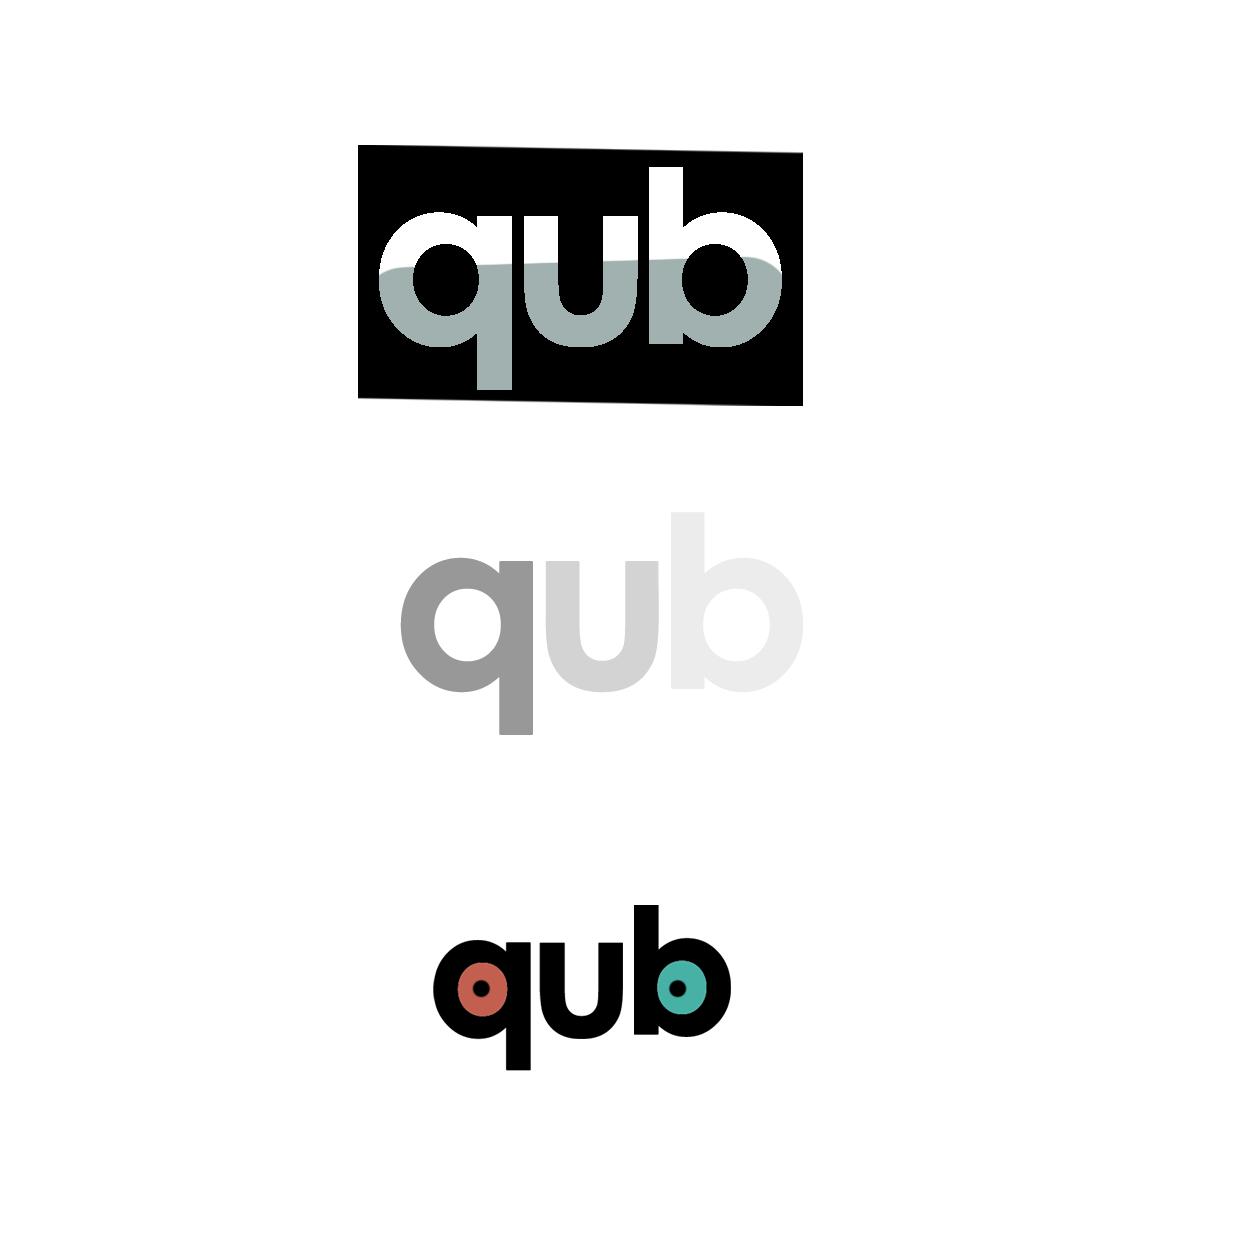 Разработка логотипа и фирменного стиля для ТМ фото f_4995f1c910f5fa79.png